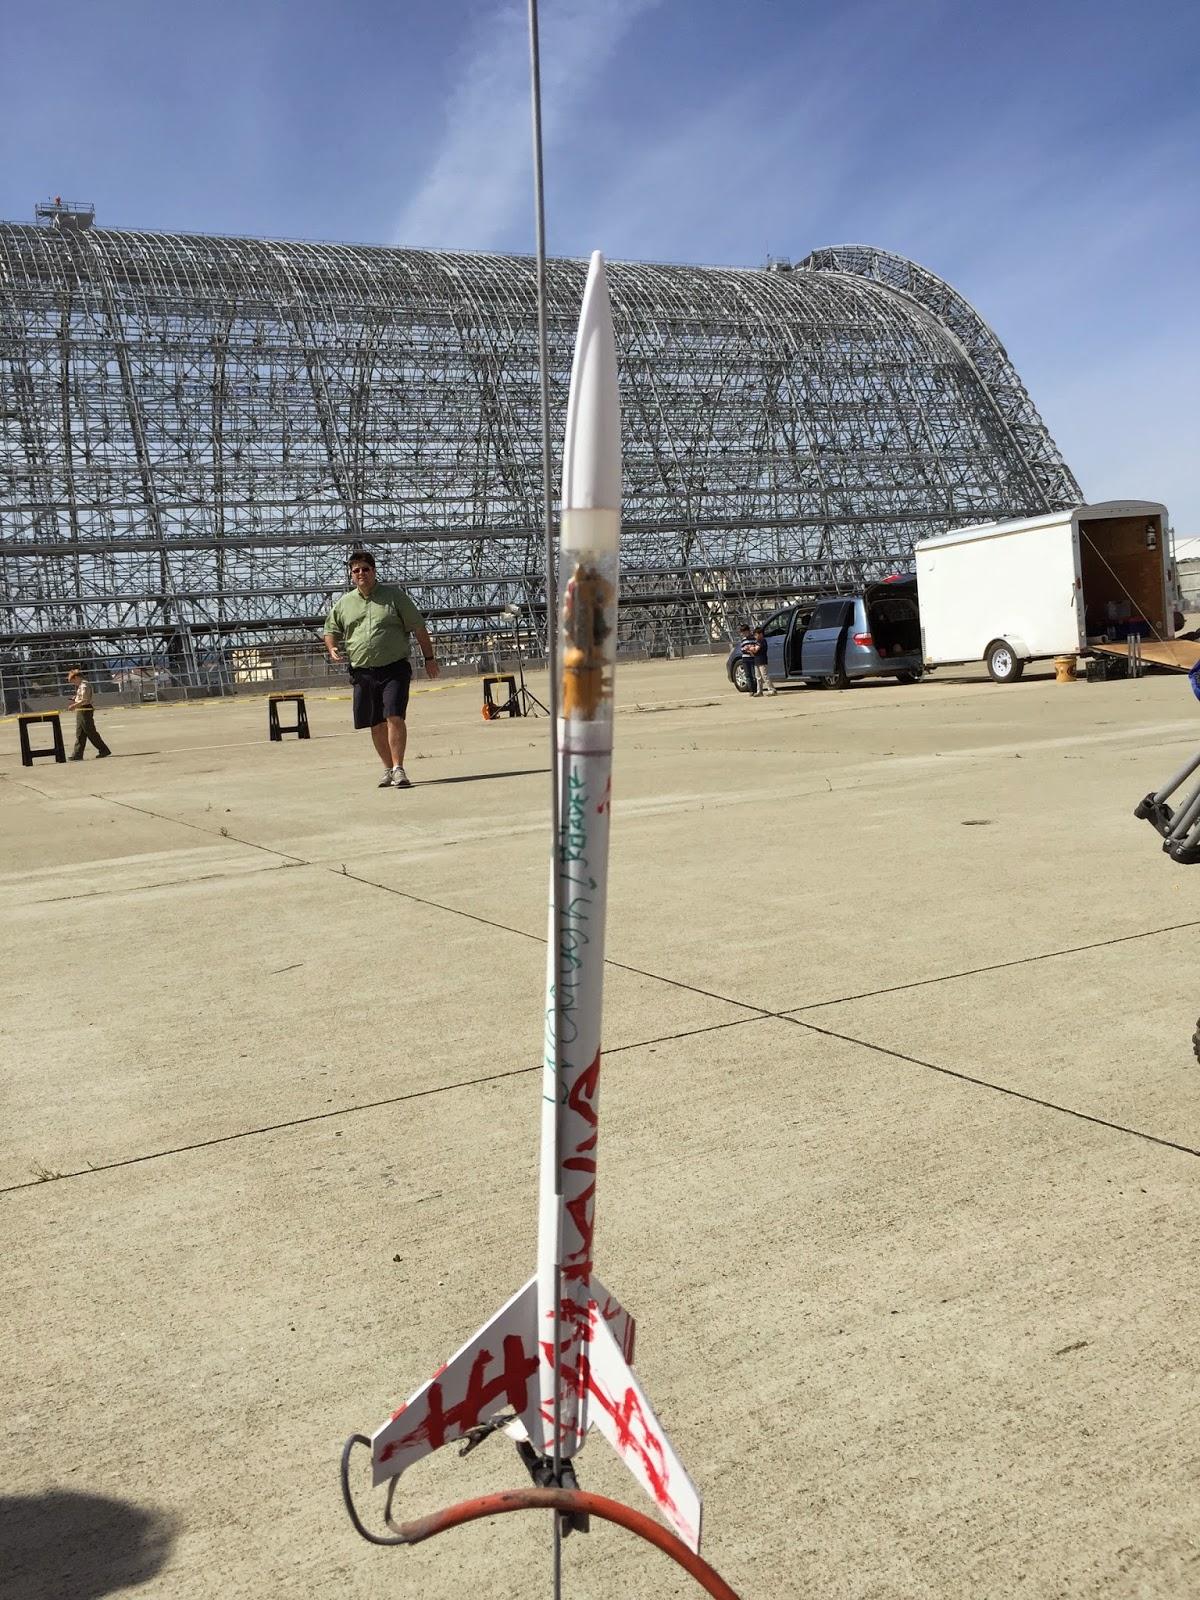 grot rocket, ork rocket launch, nova payloader, estes nova payloader, ork rokkit launch